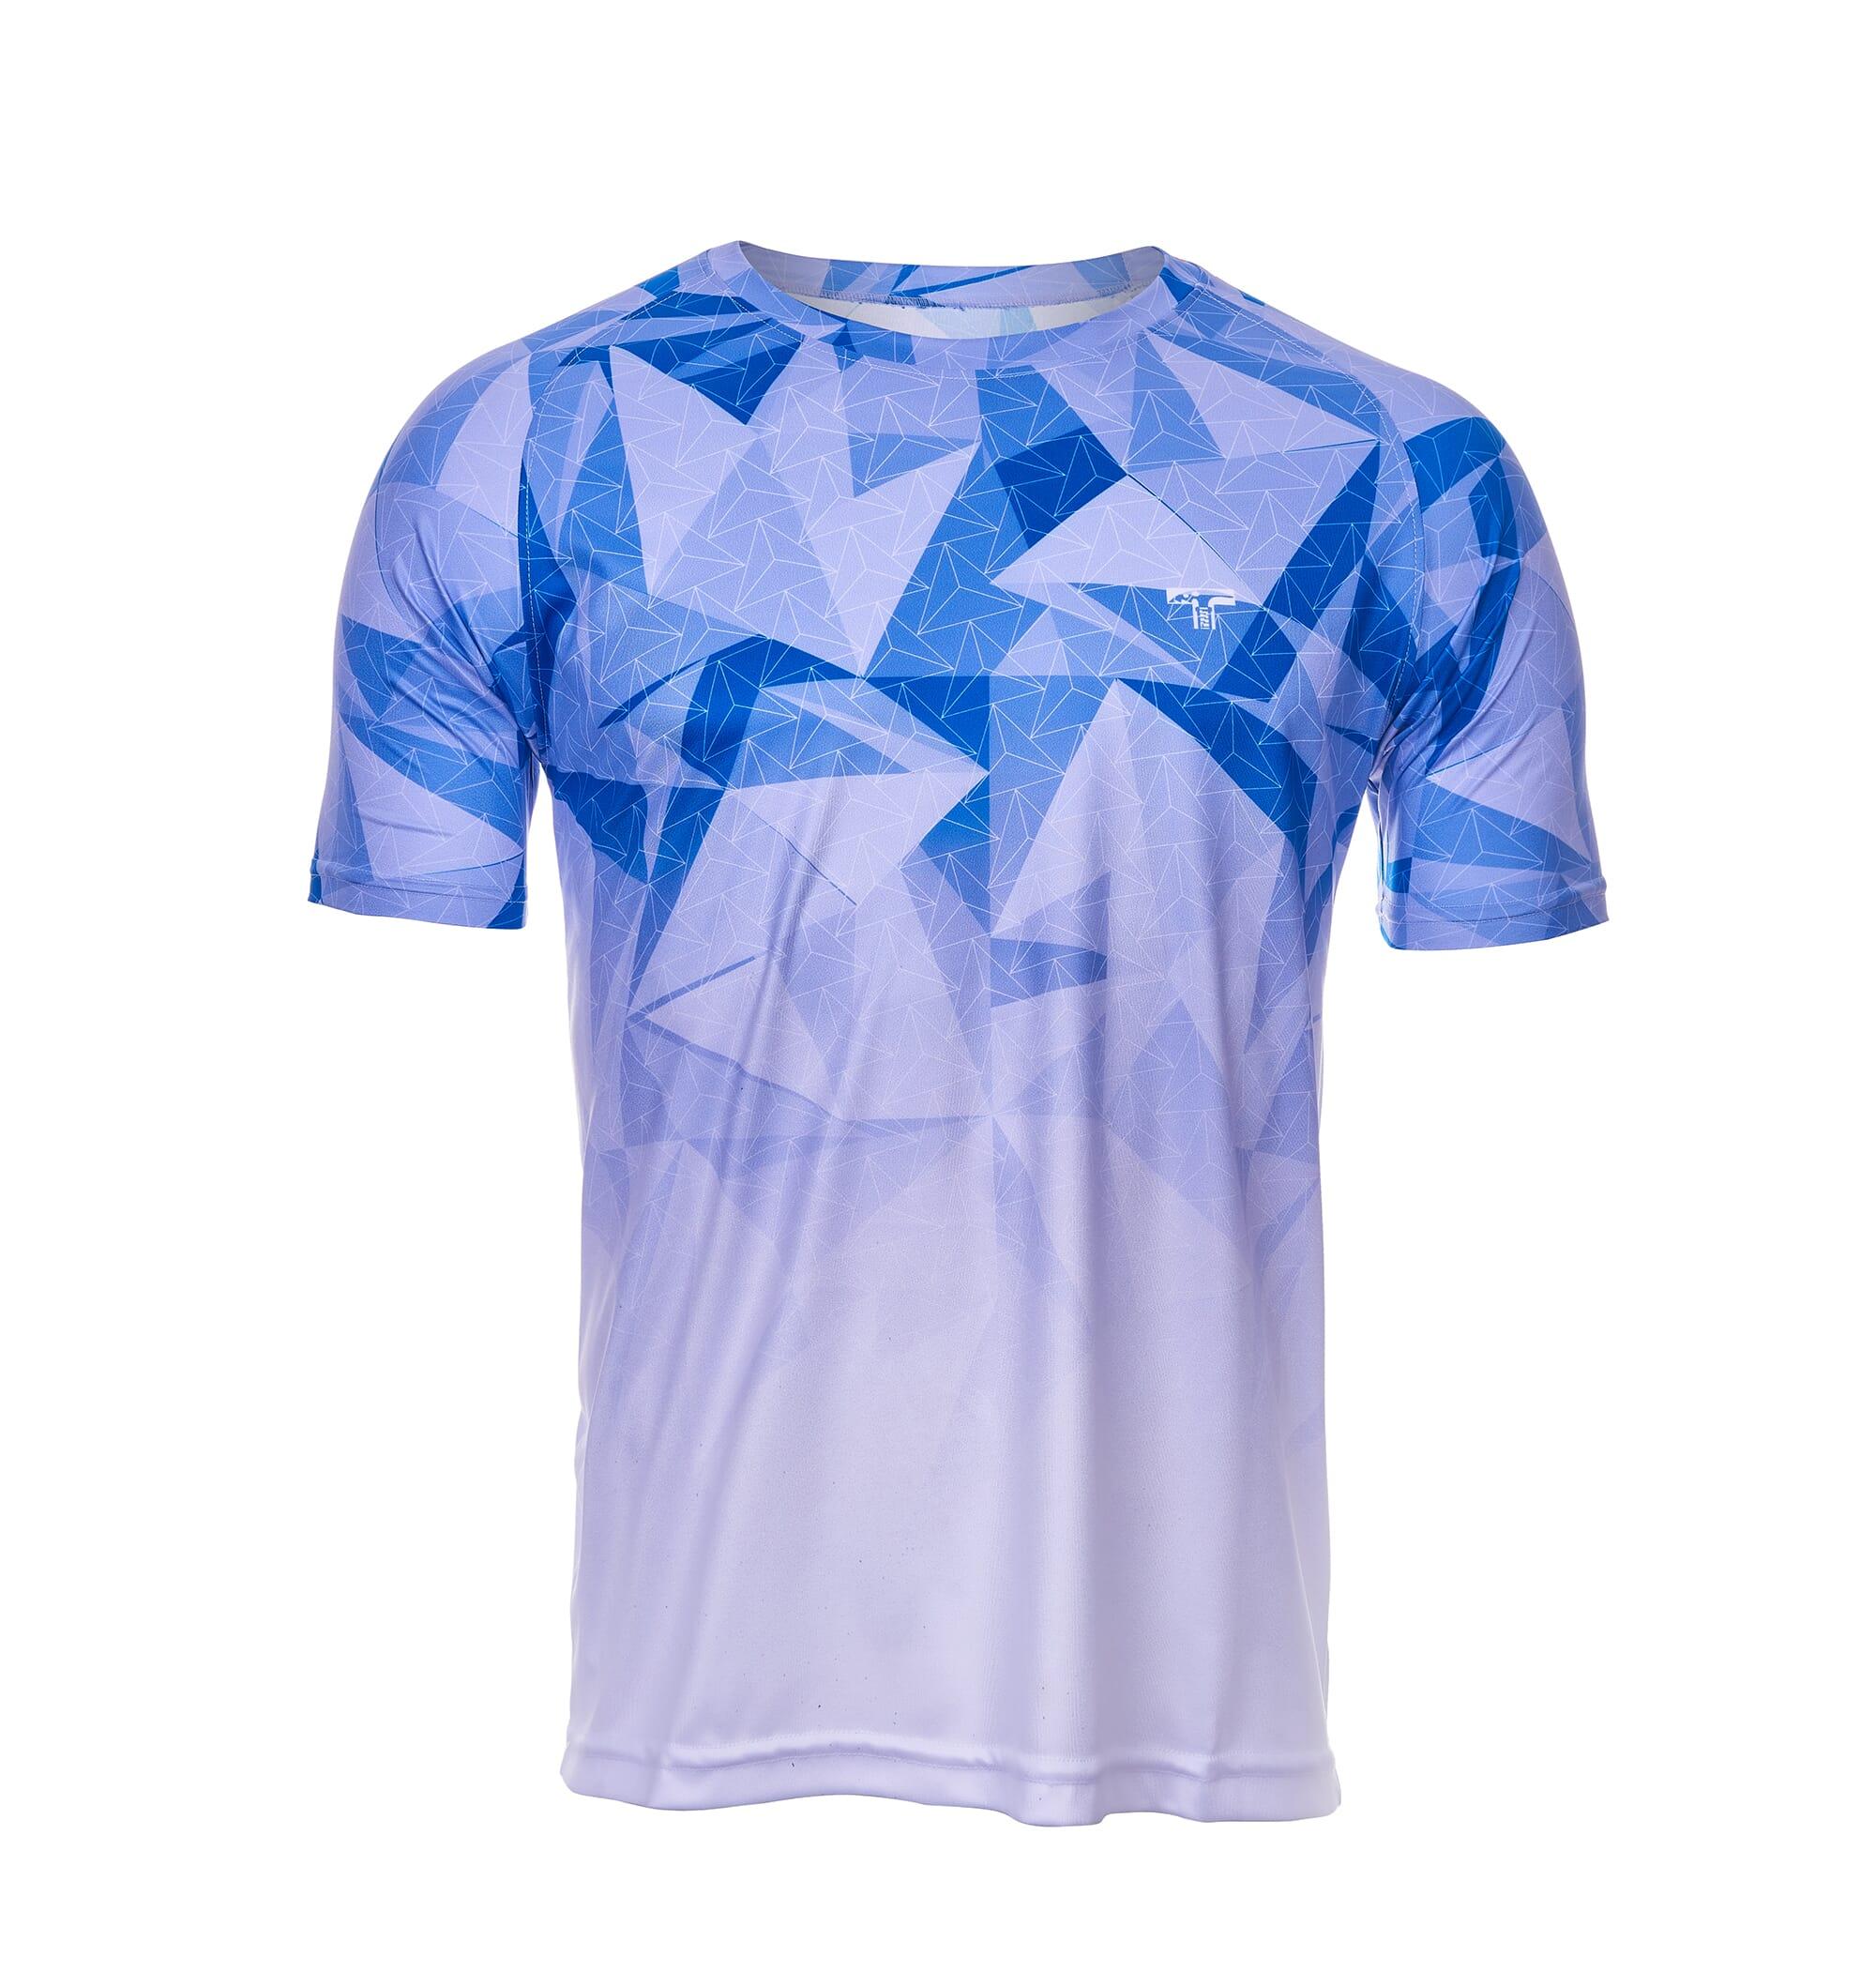 spo1127_blue-white